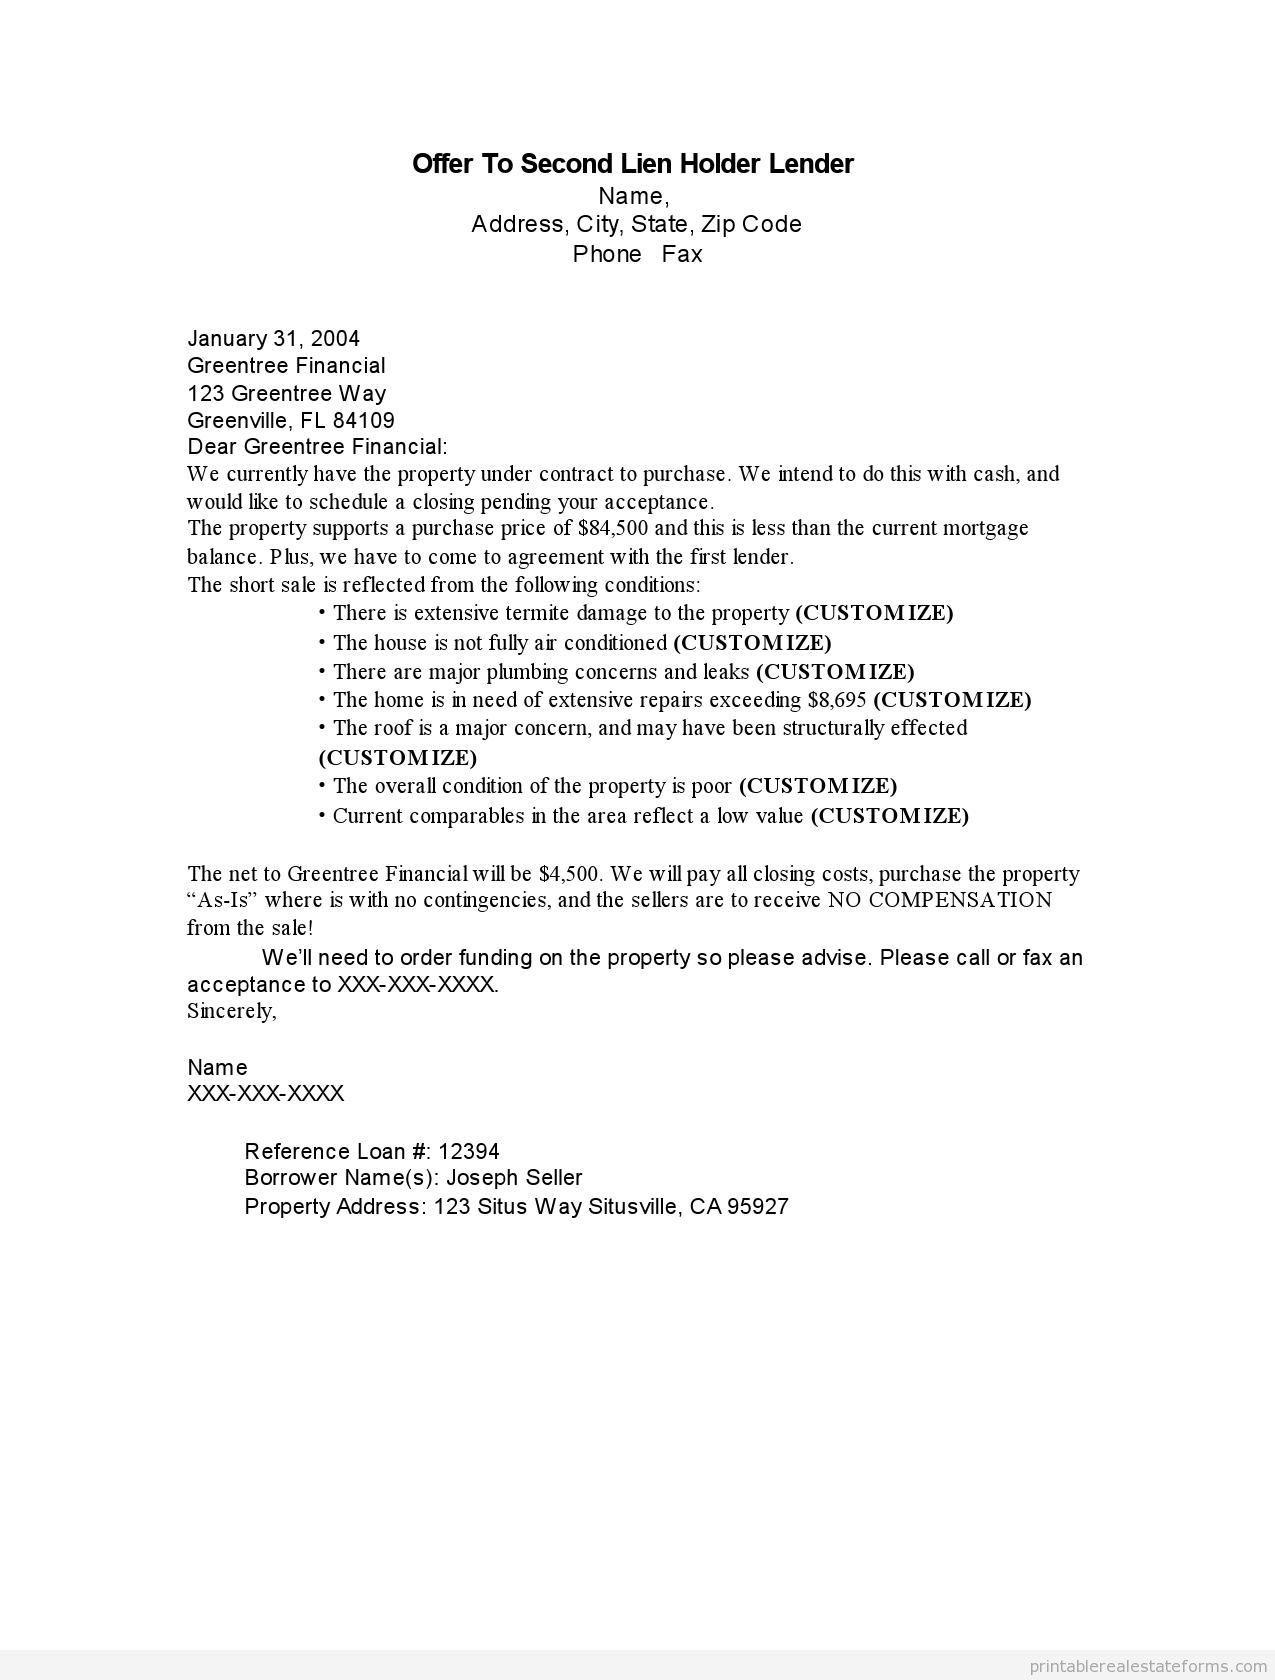 Lien Demand Letter Template - Letter Intent to Lien Sample Printable Fer Second Holder Lender